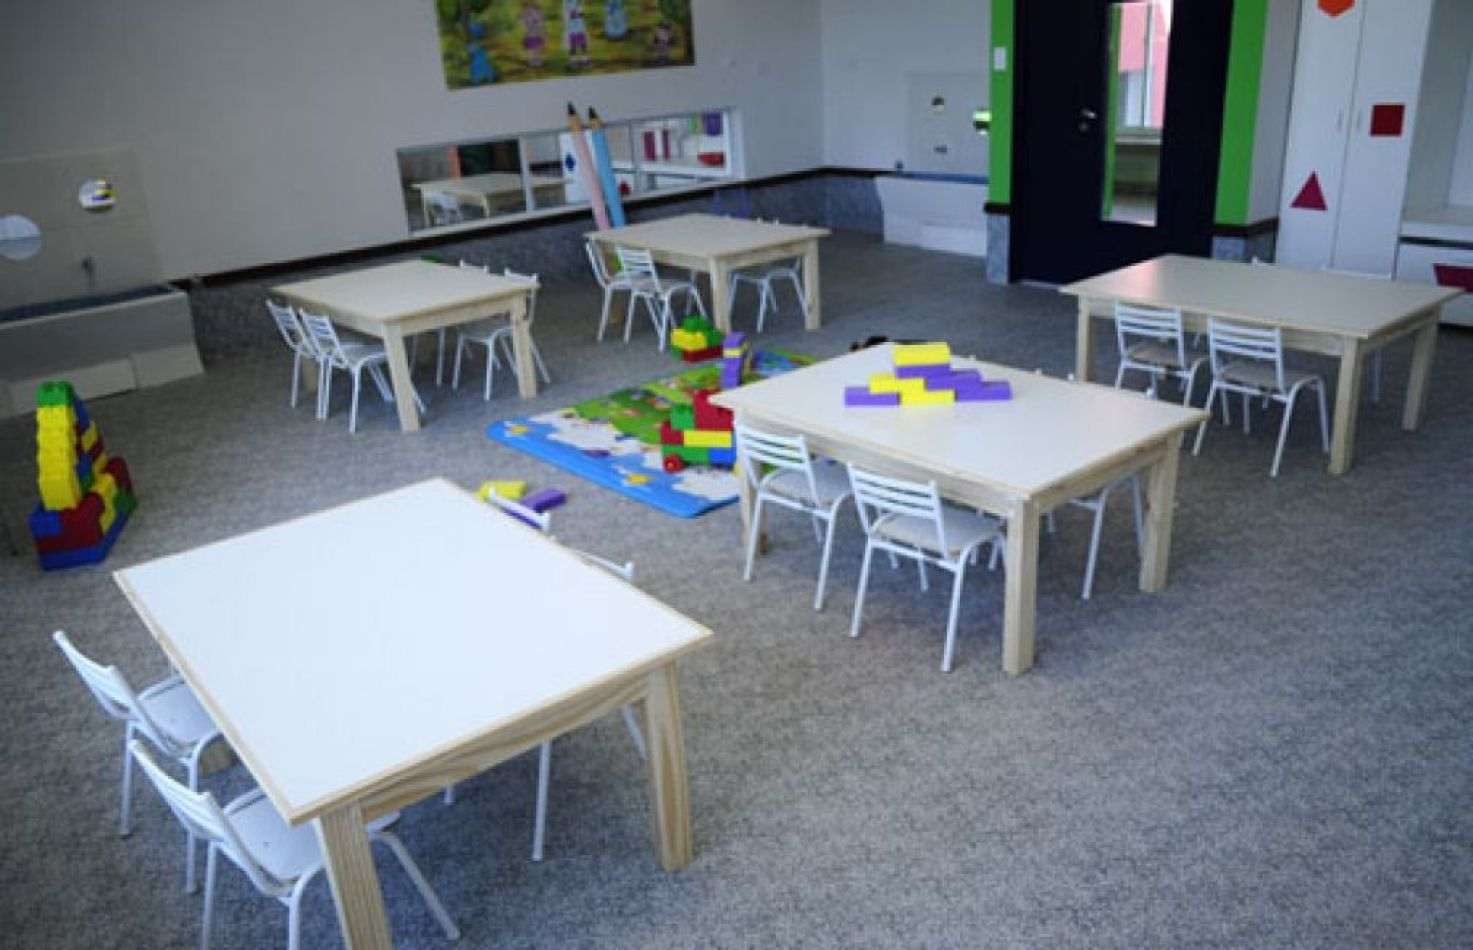 Reabren los Centros de Primera Infancia en Salta: el COE aprobó su protocolo de funcionamiento